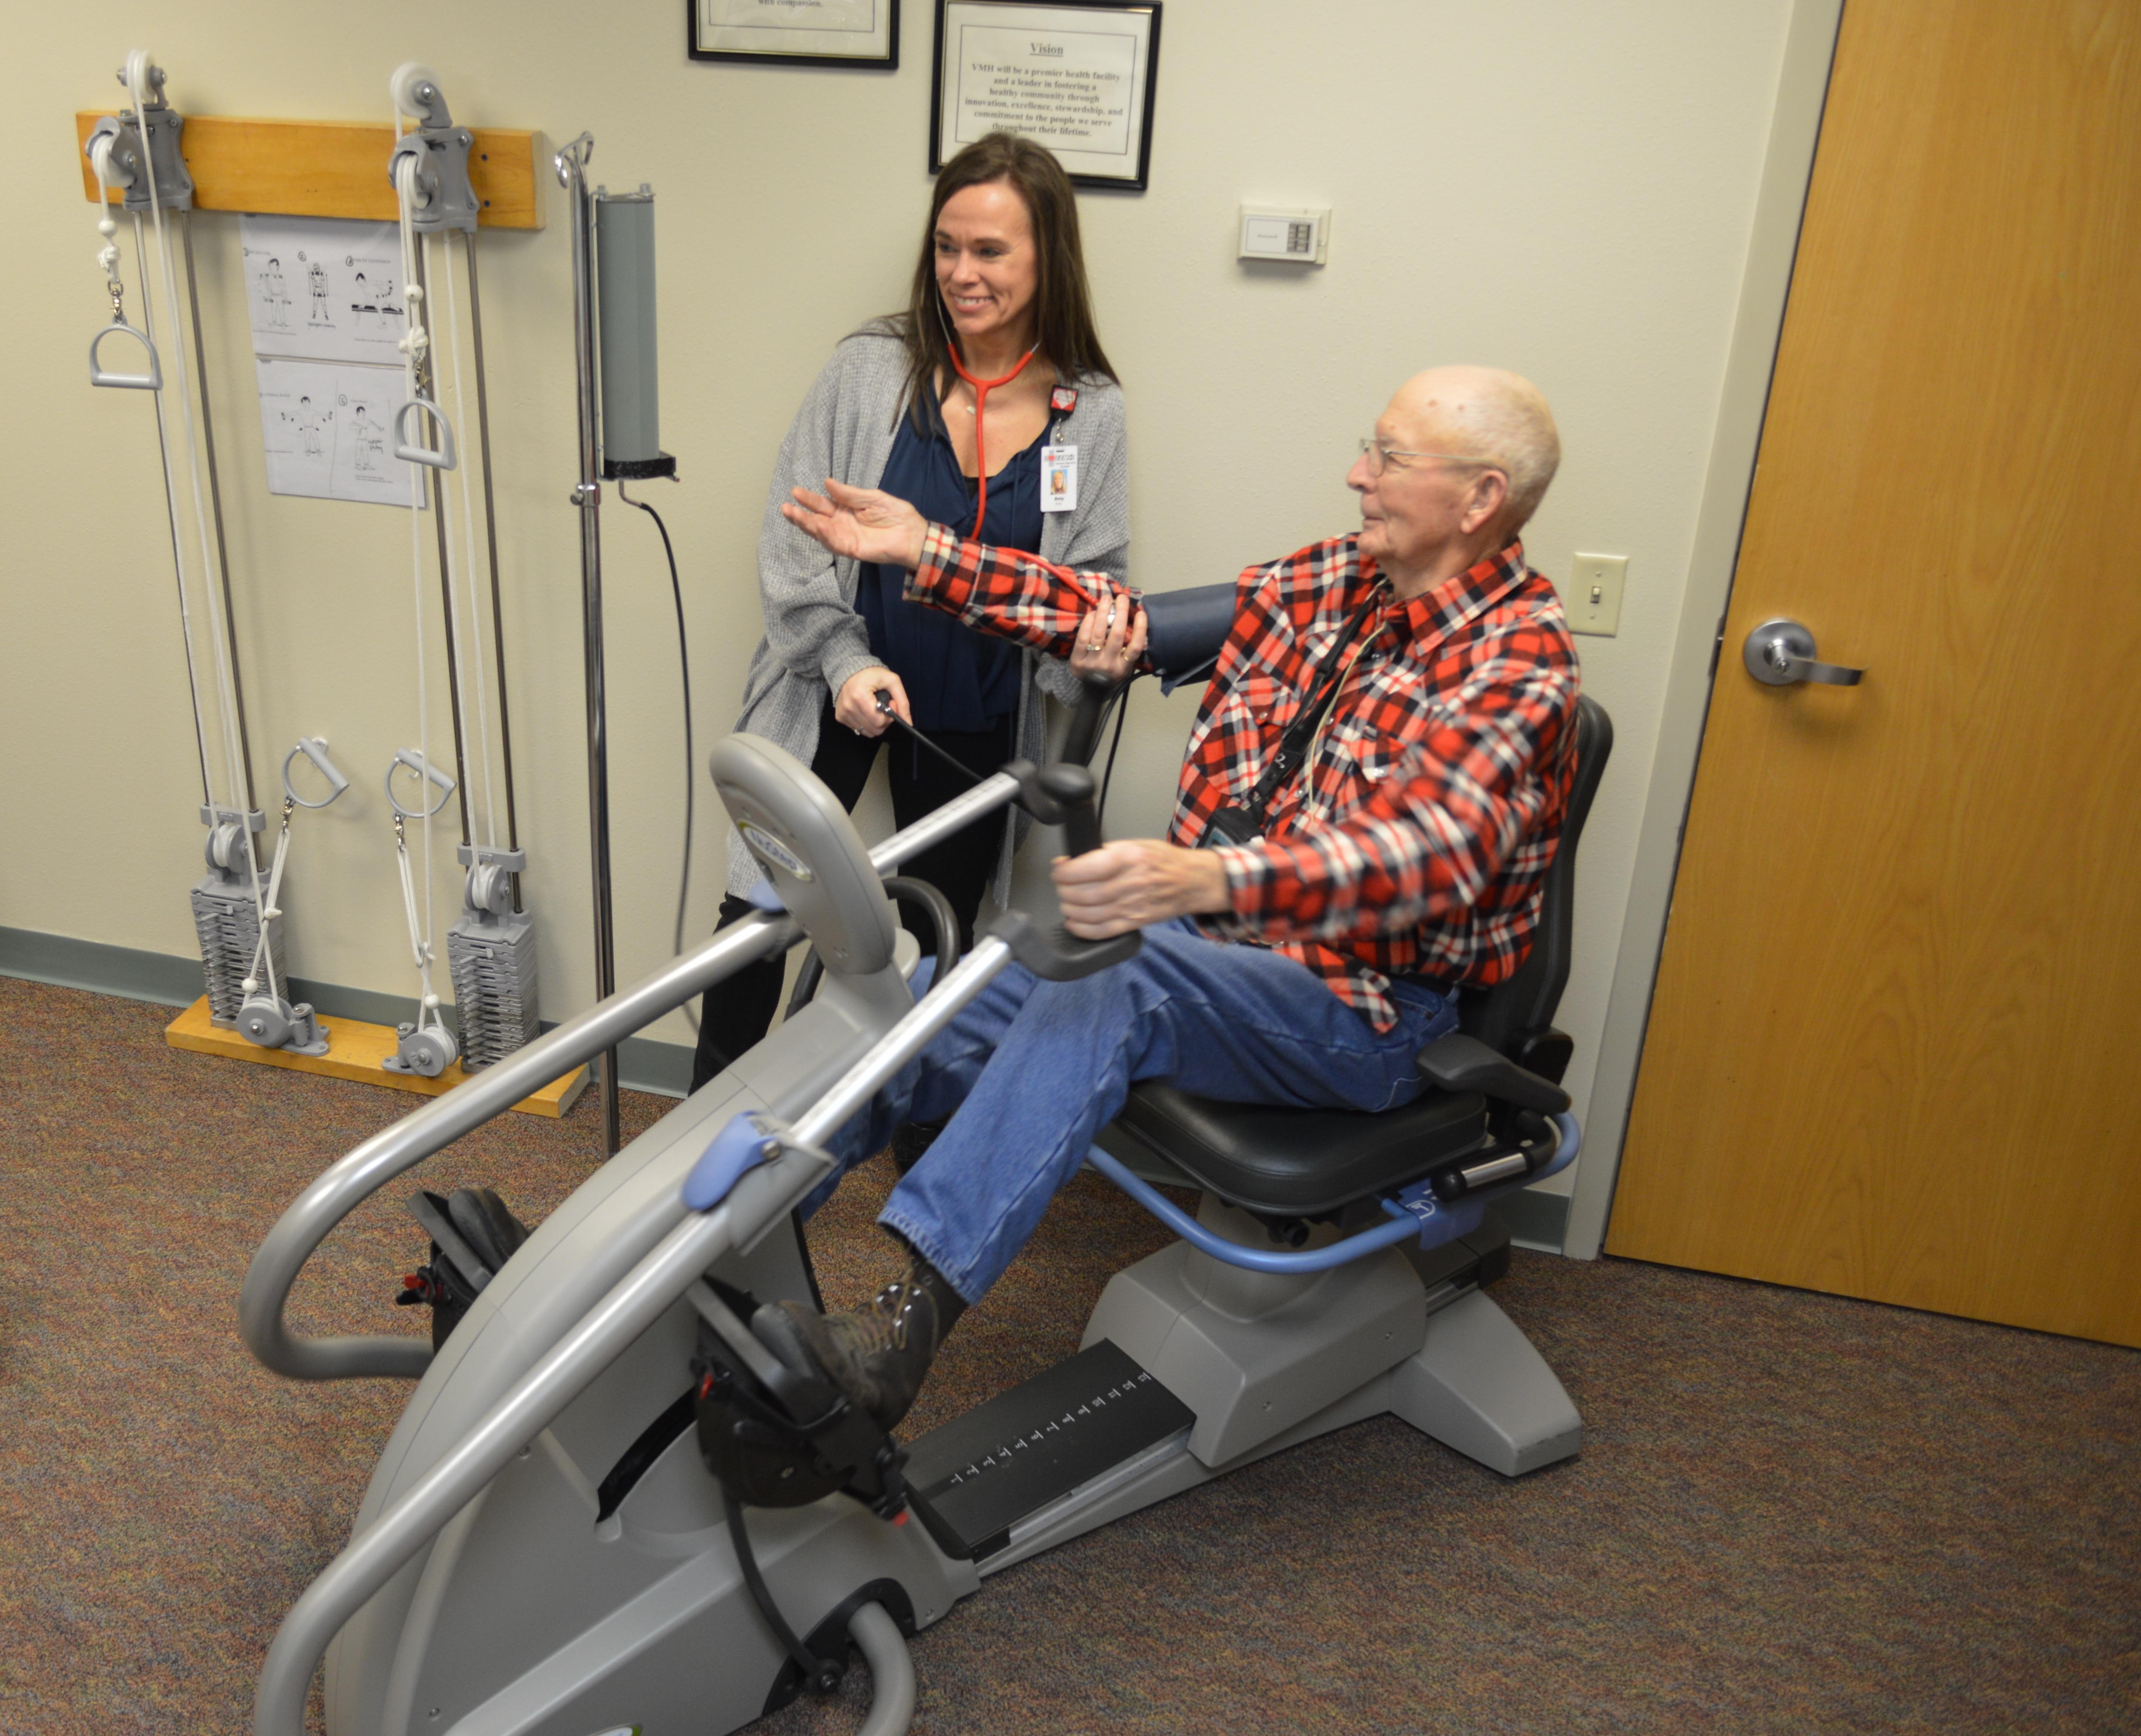 February 9-15 is National Cardiac Rehab Week!